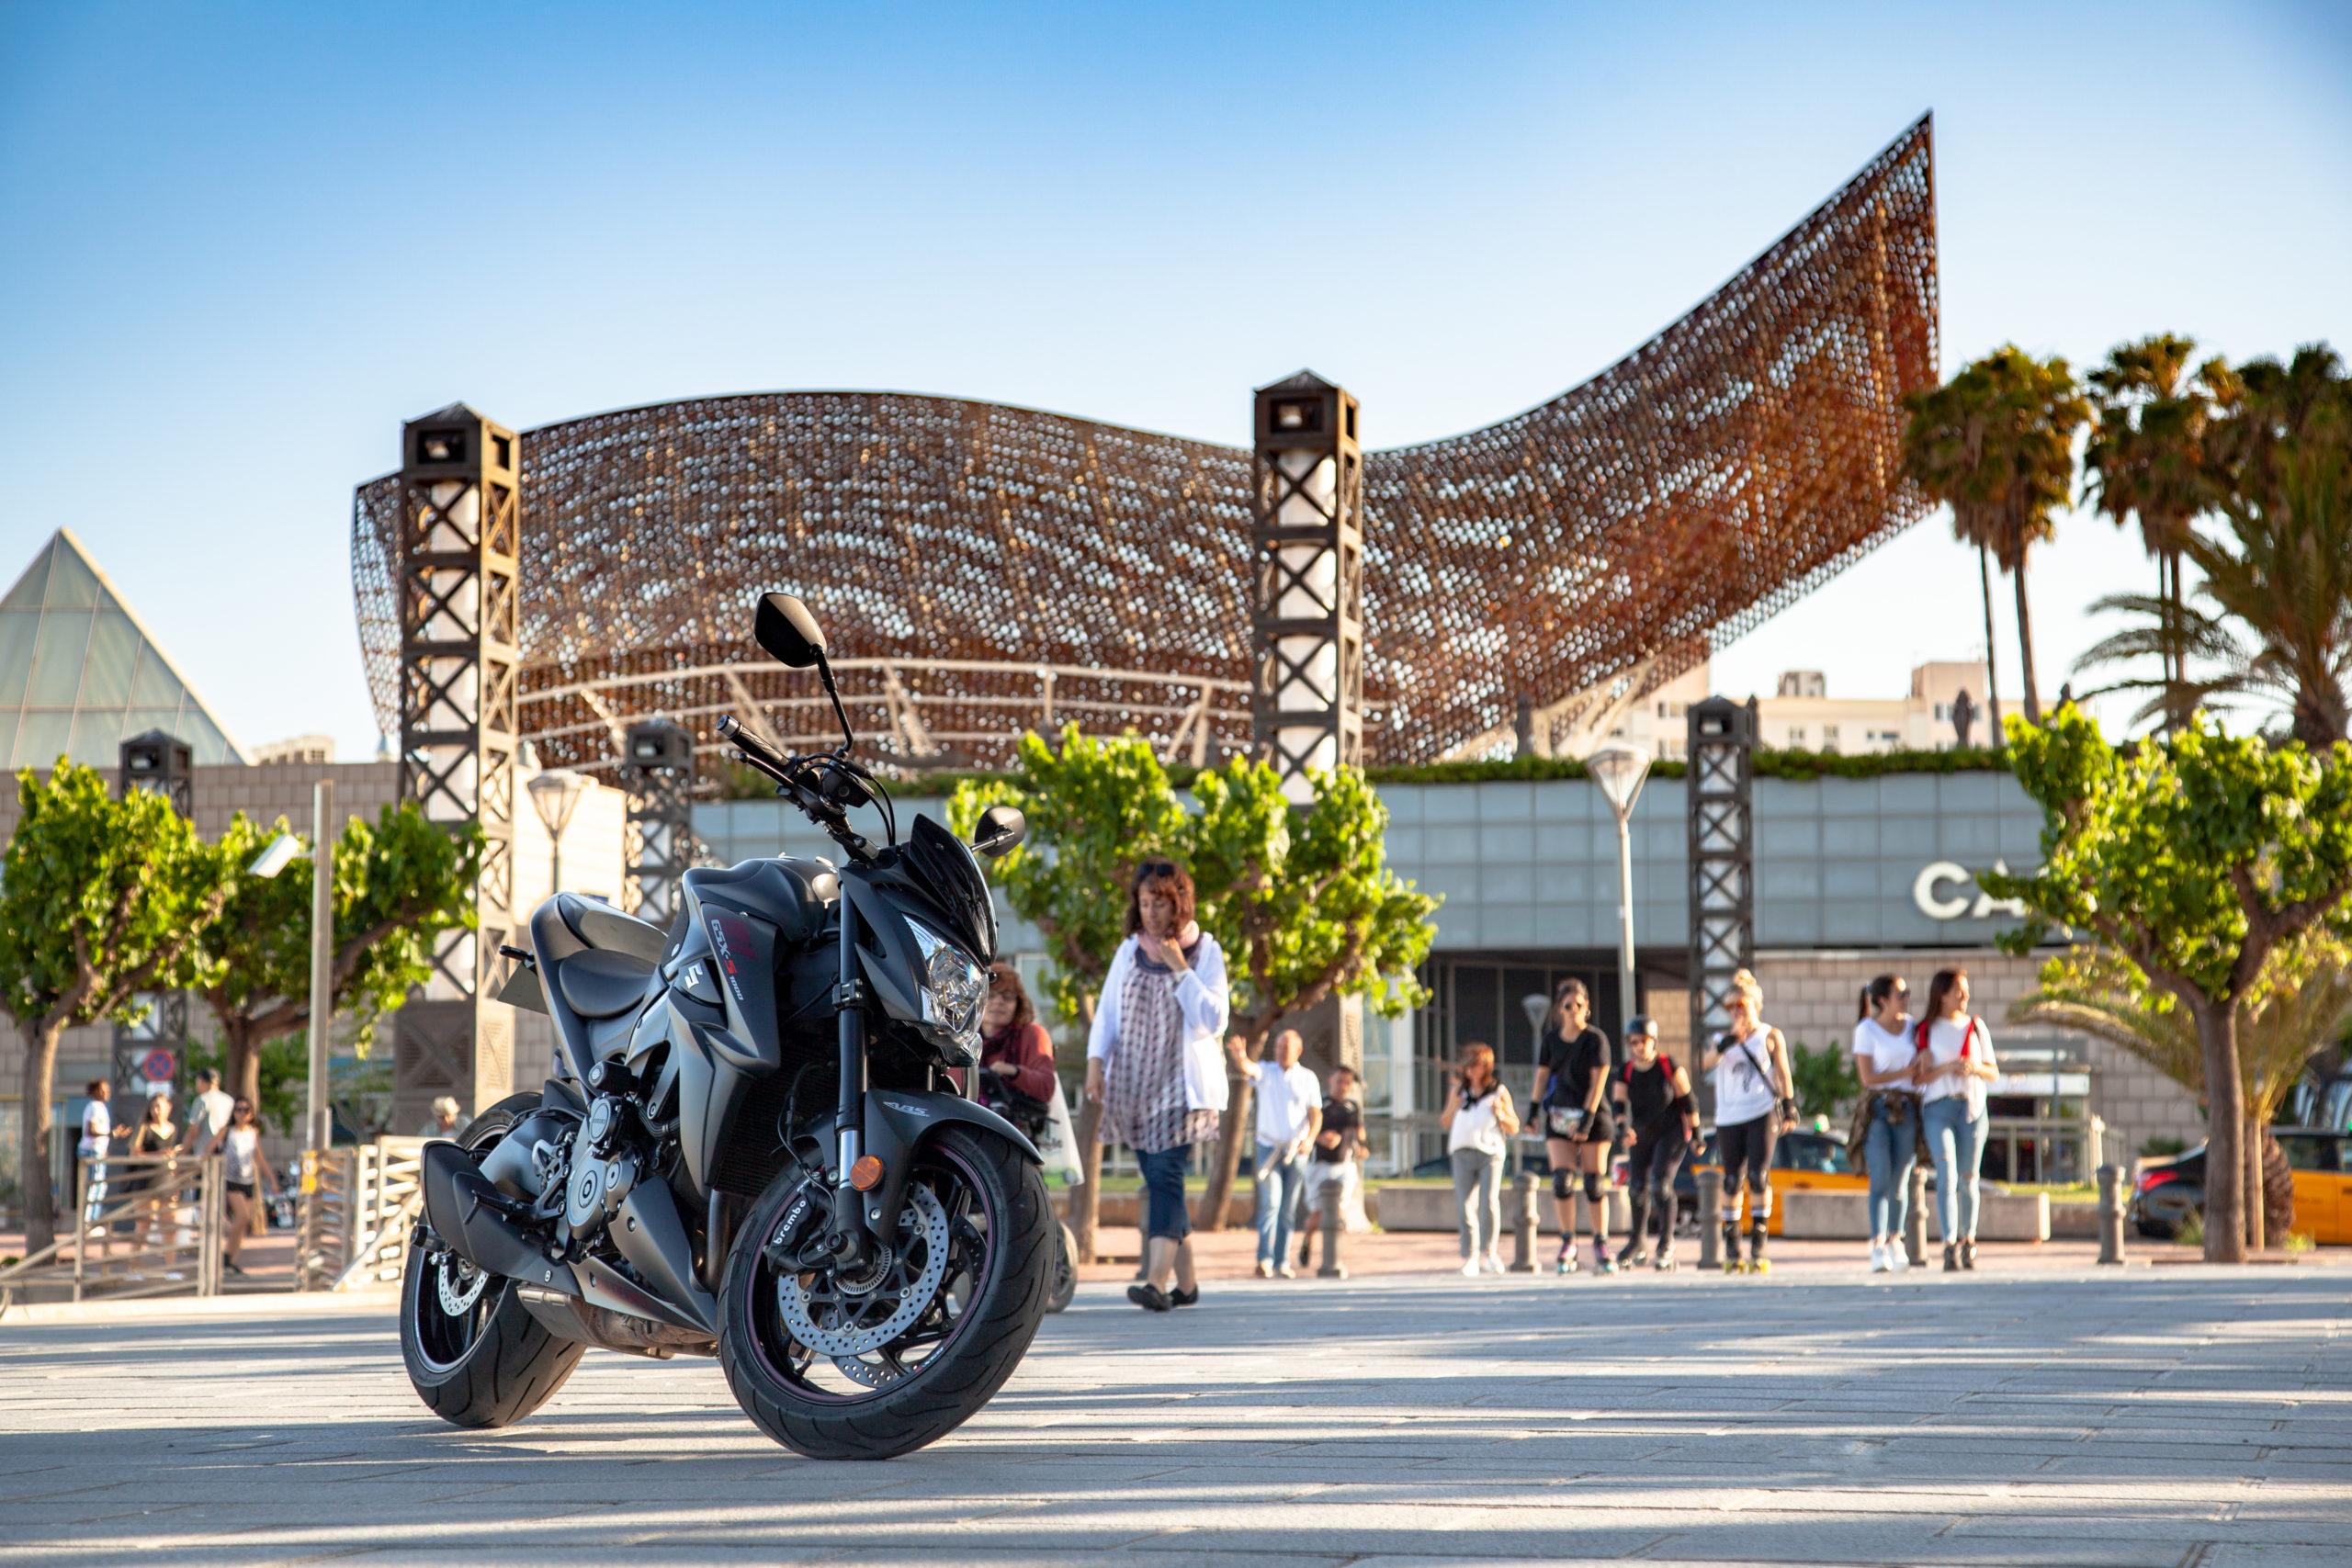 motorcycle on plaza